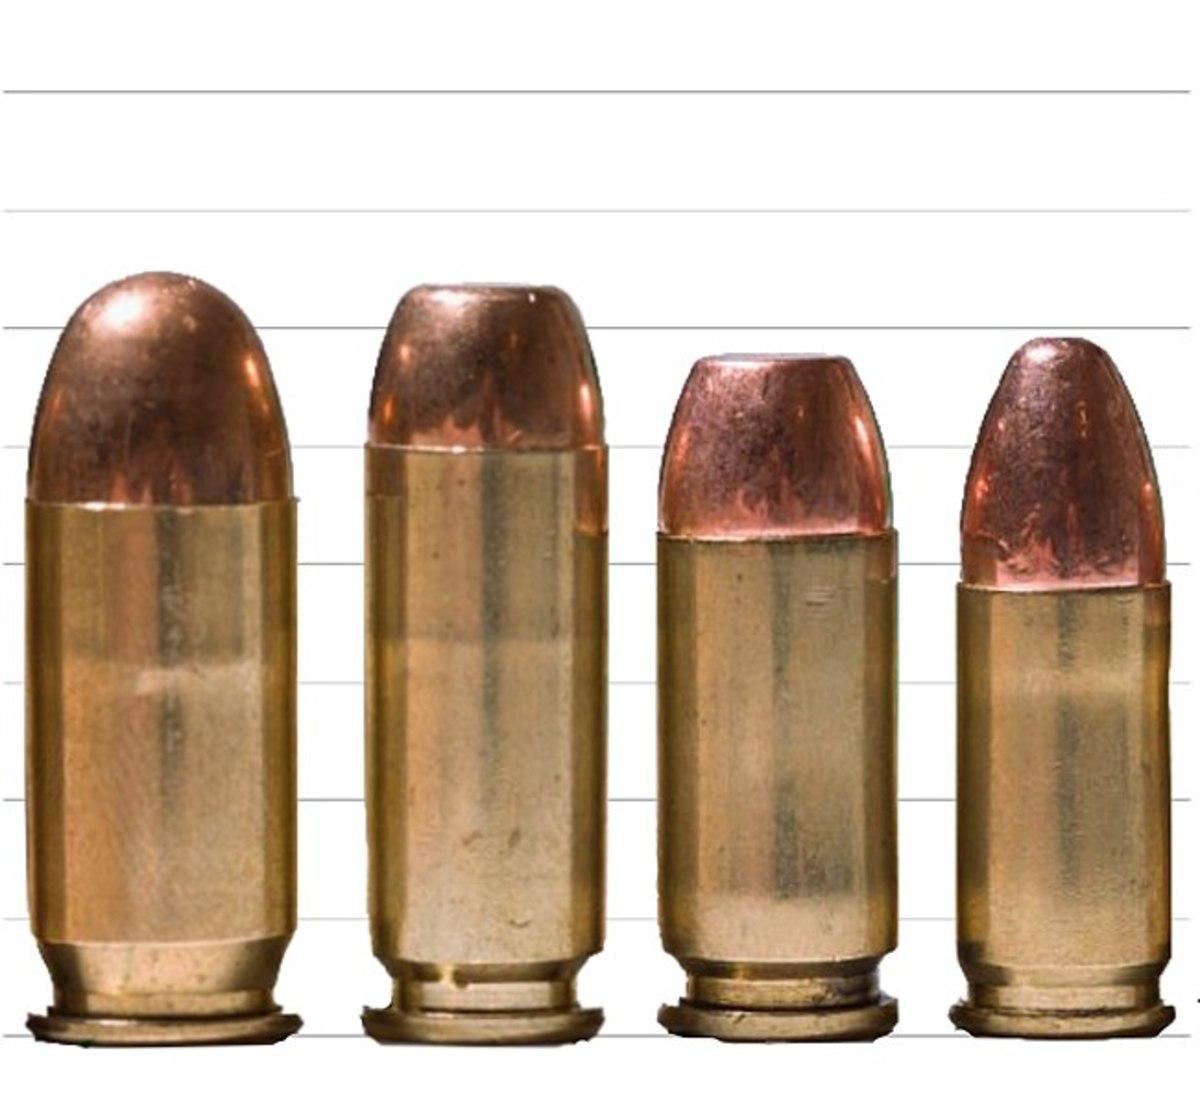 (L-R): .45 ACP, 10mm, .40 S&W, 9x19mm